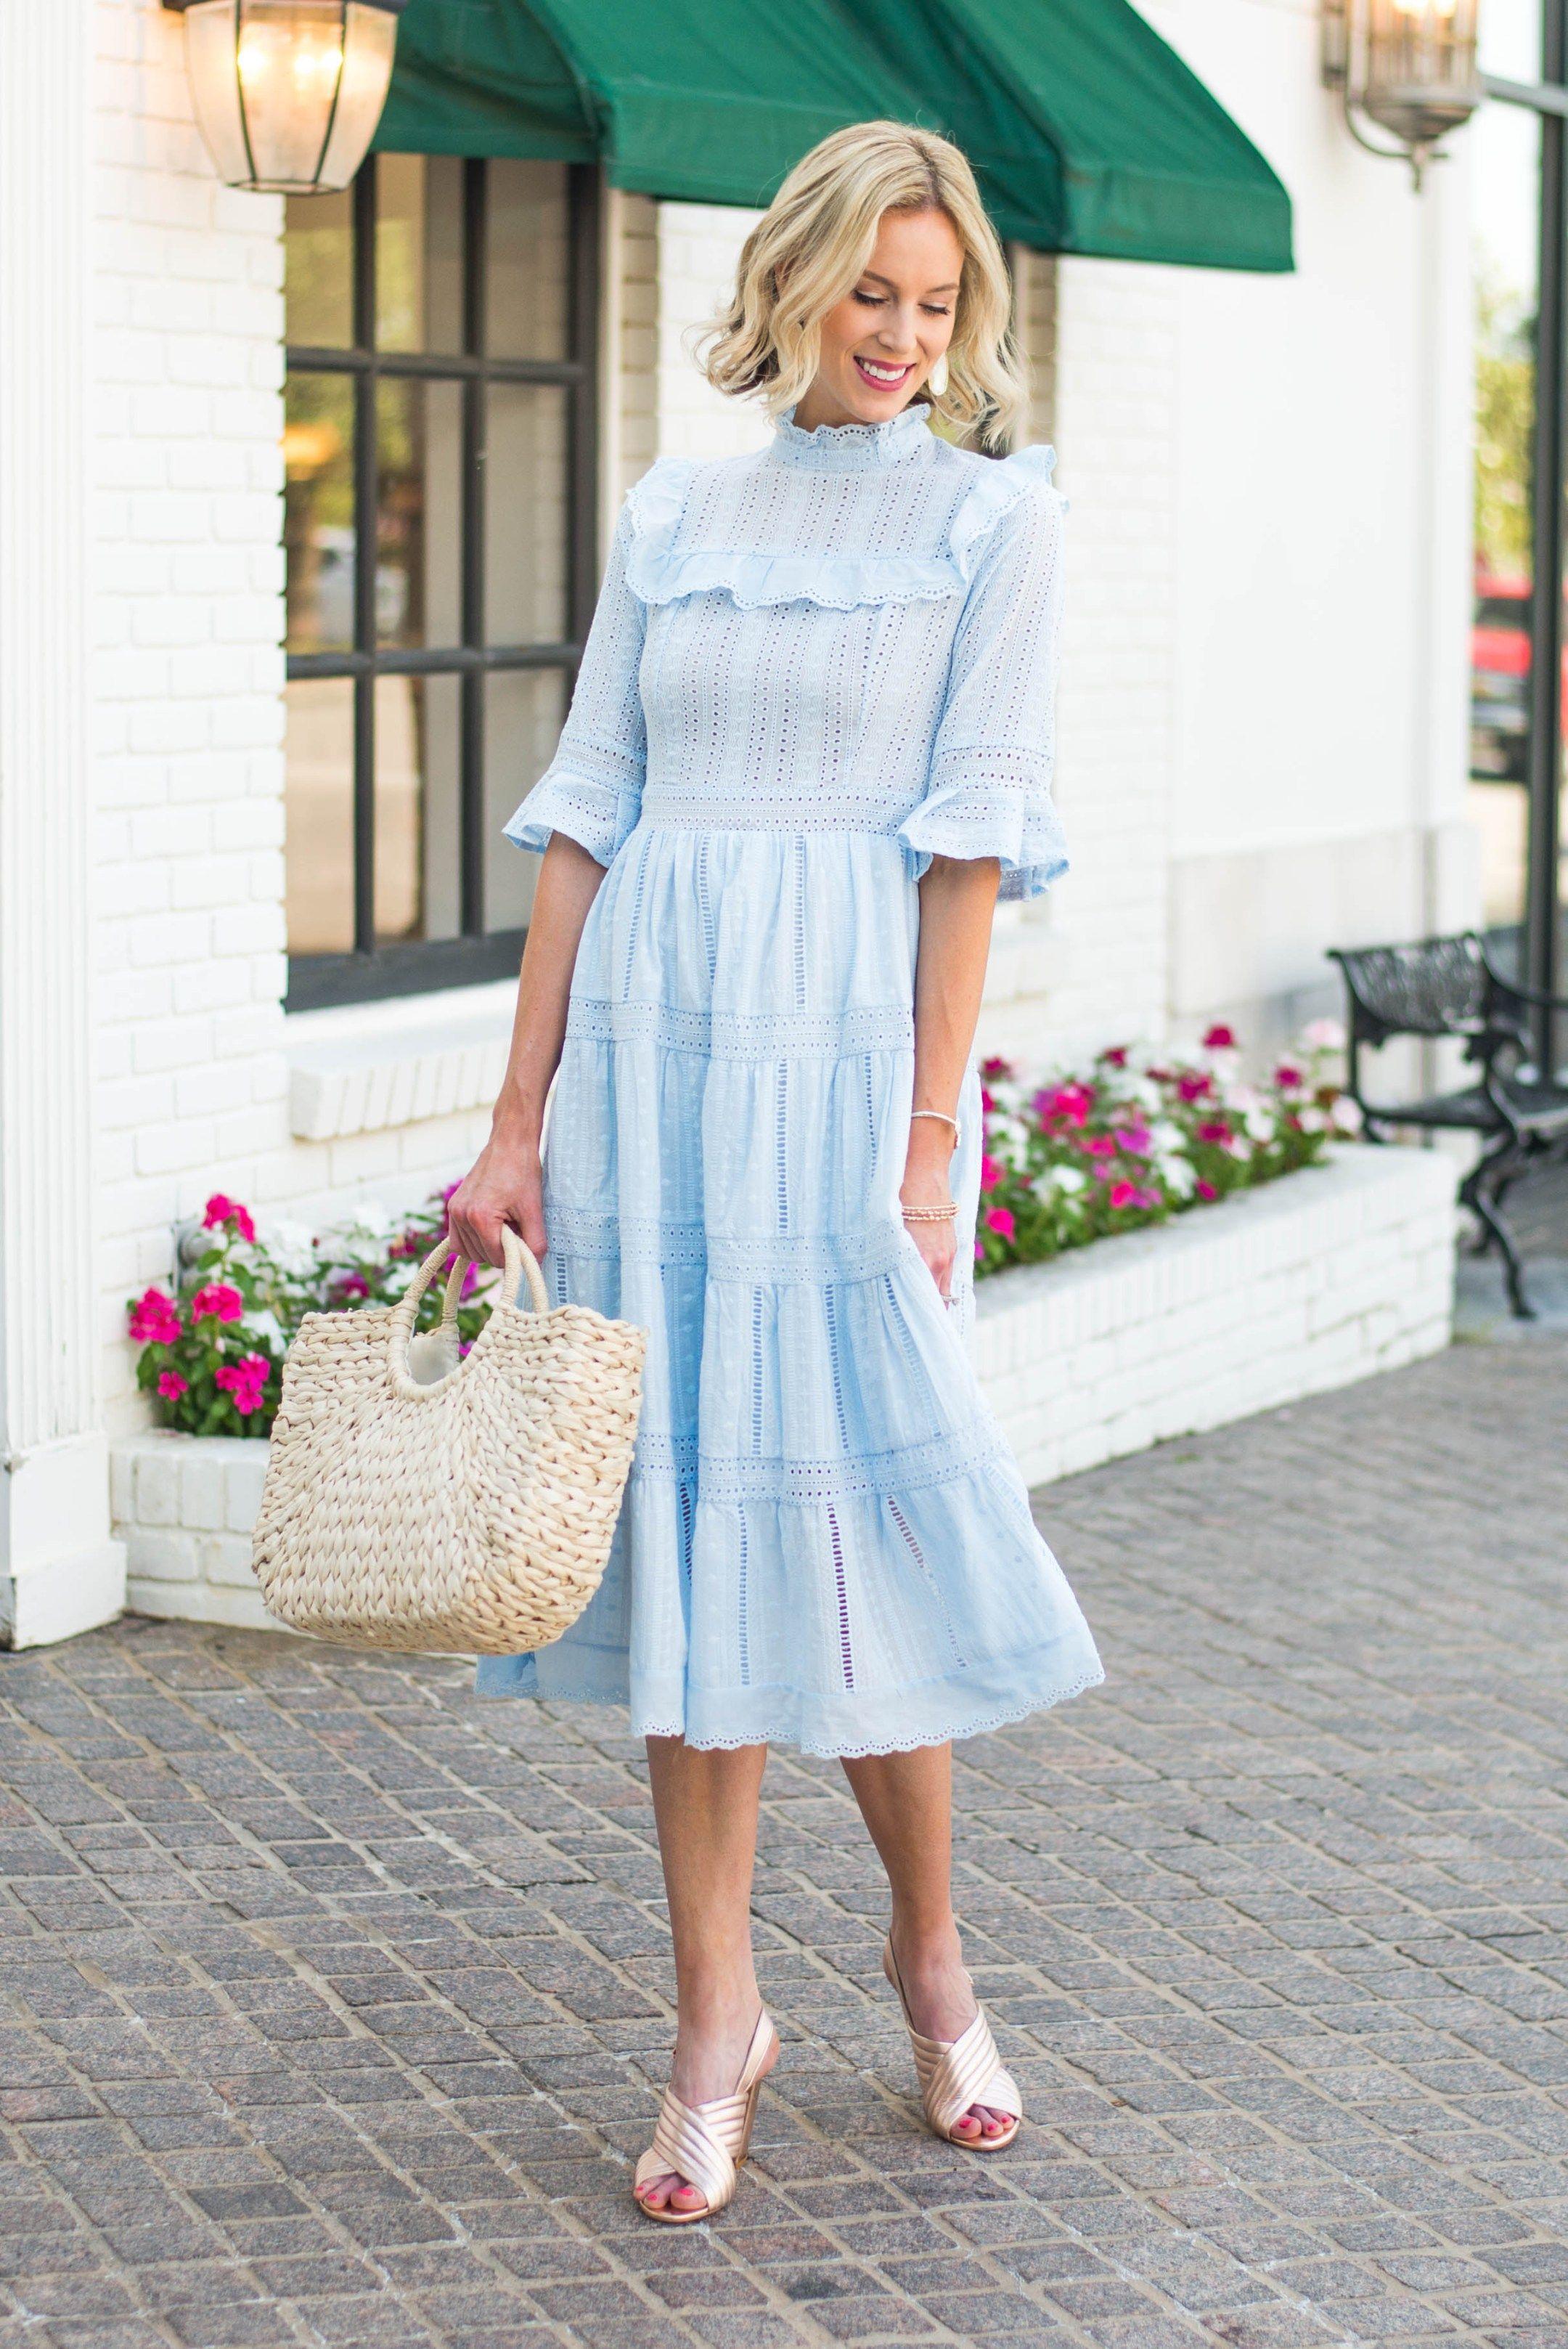 Dreamy Summer Blue Crochet Dress New Favorite Straight A Style Blue Dress Outfits Summer Dresses Light Blue Summer Dress [ 3235 x 2160 Pixel ]